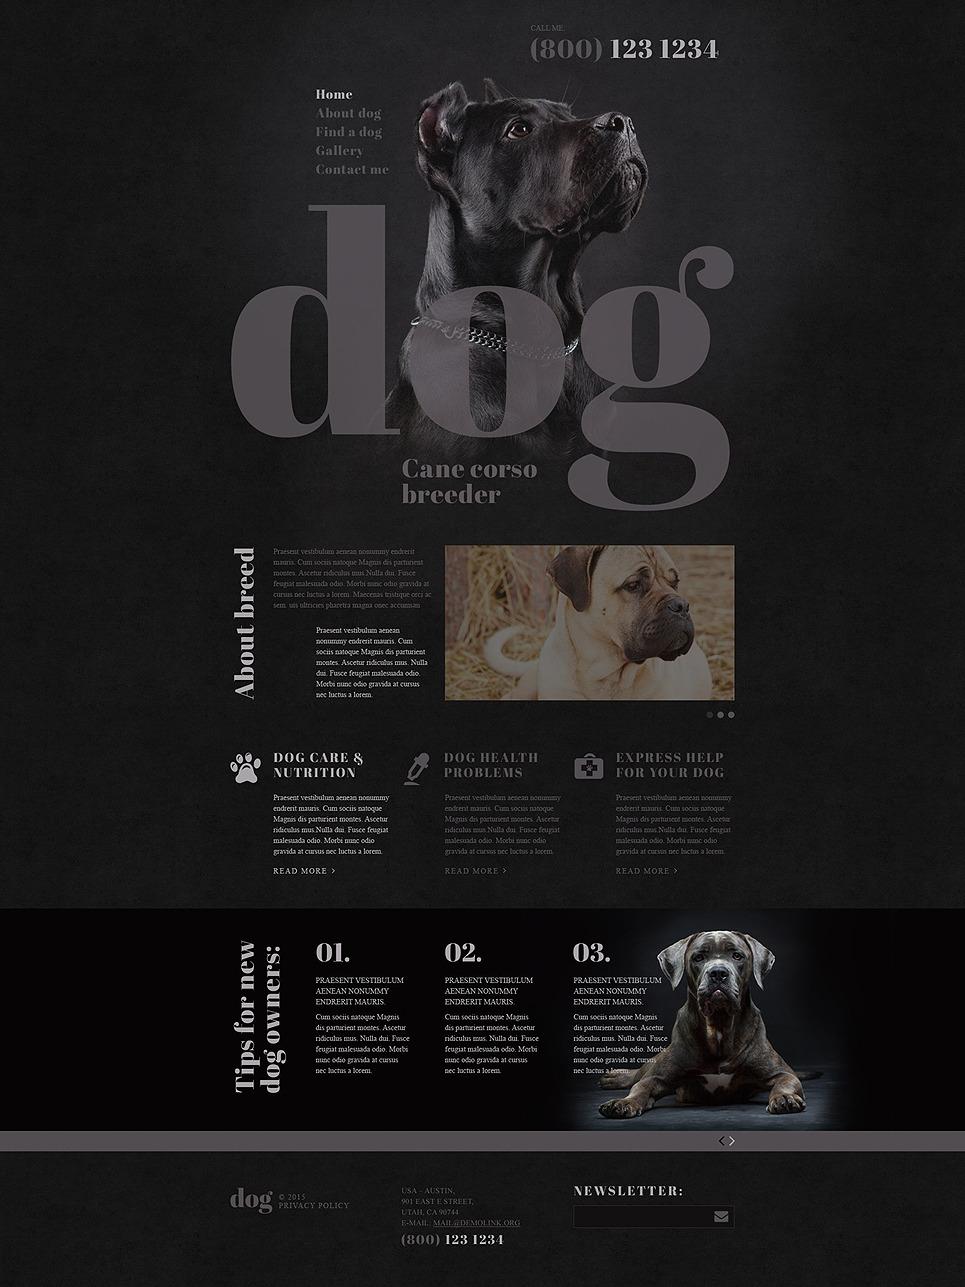 Dog Breeder Website Template New Screenshots BIG